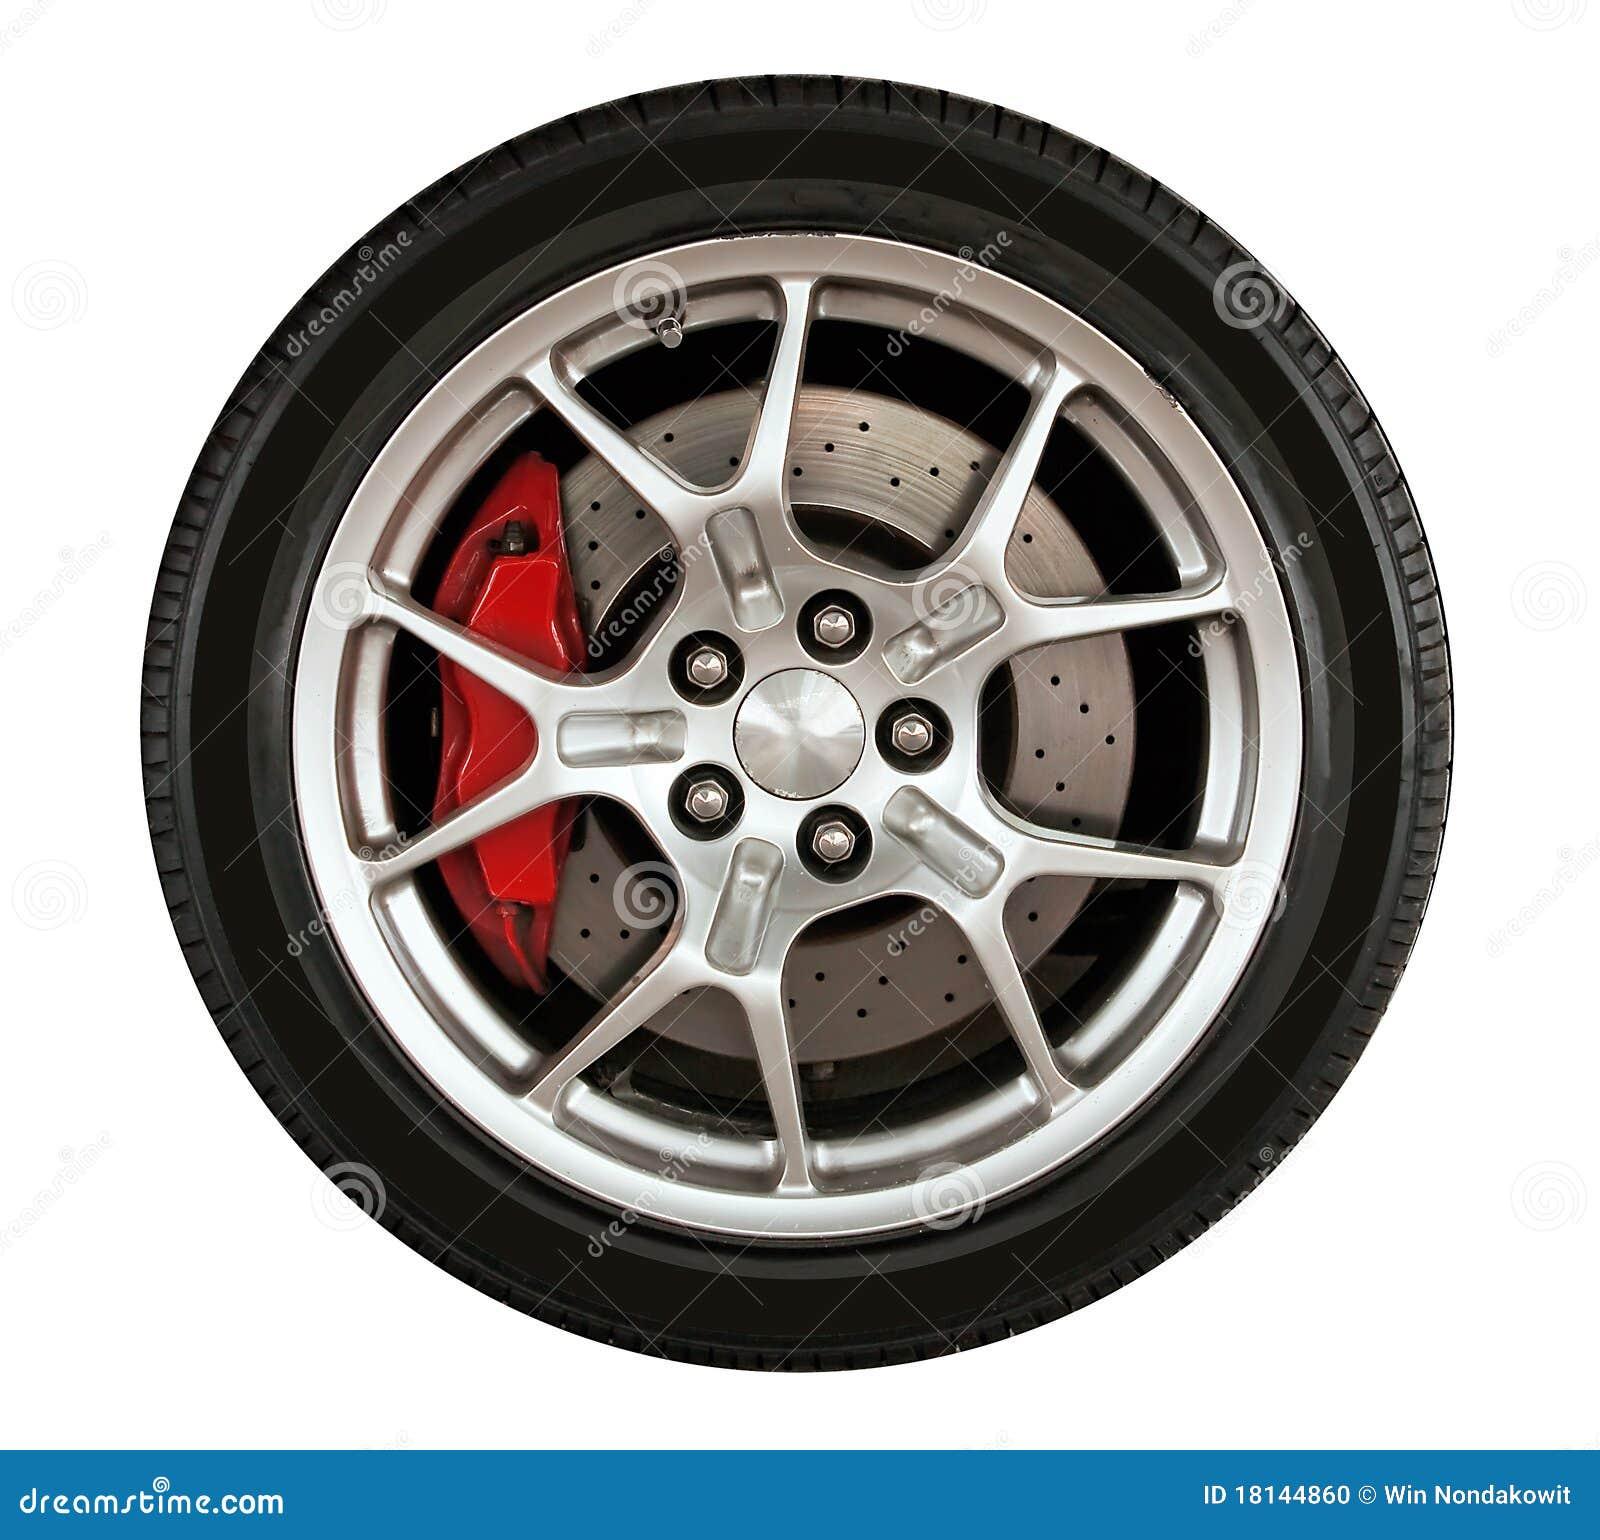 Car Wheel Stock Photo. Image Of Whitetransport